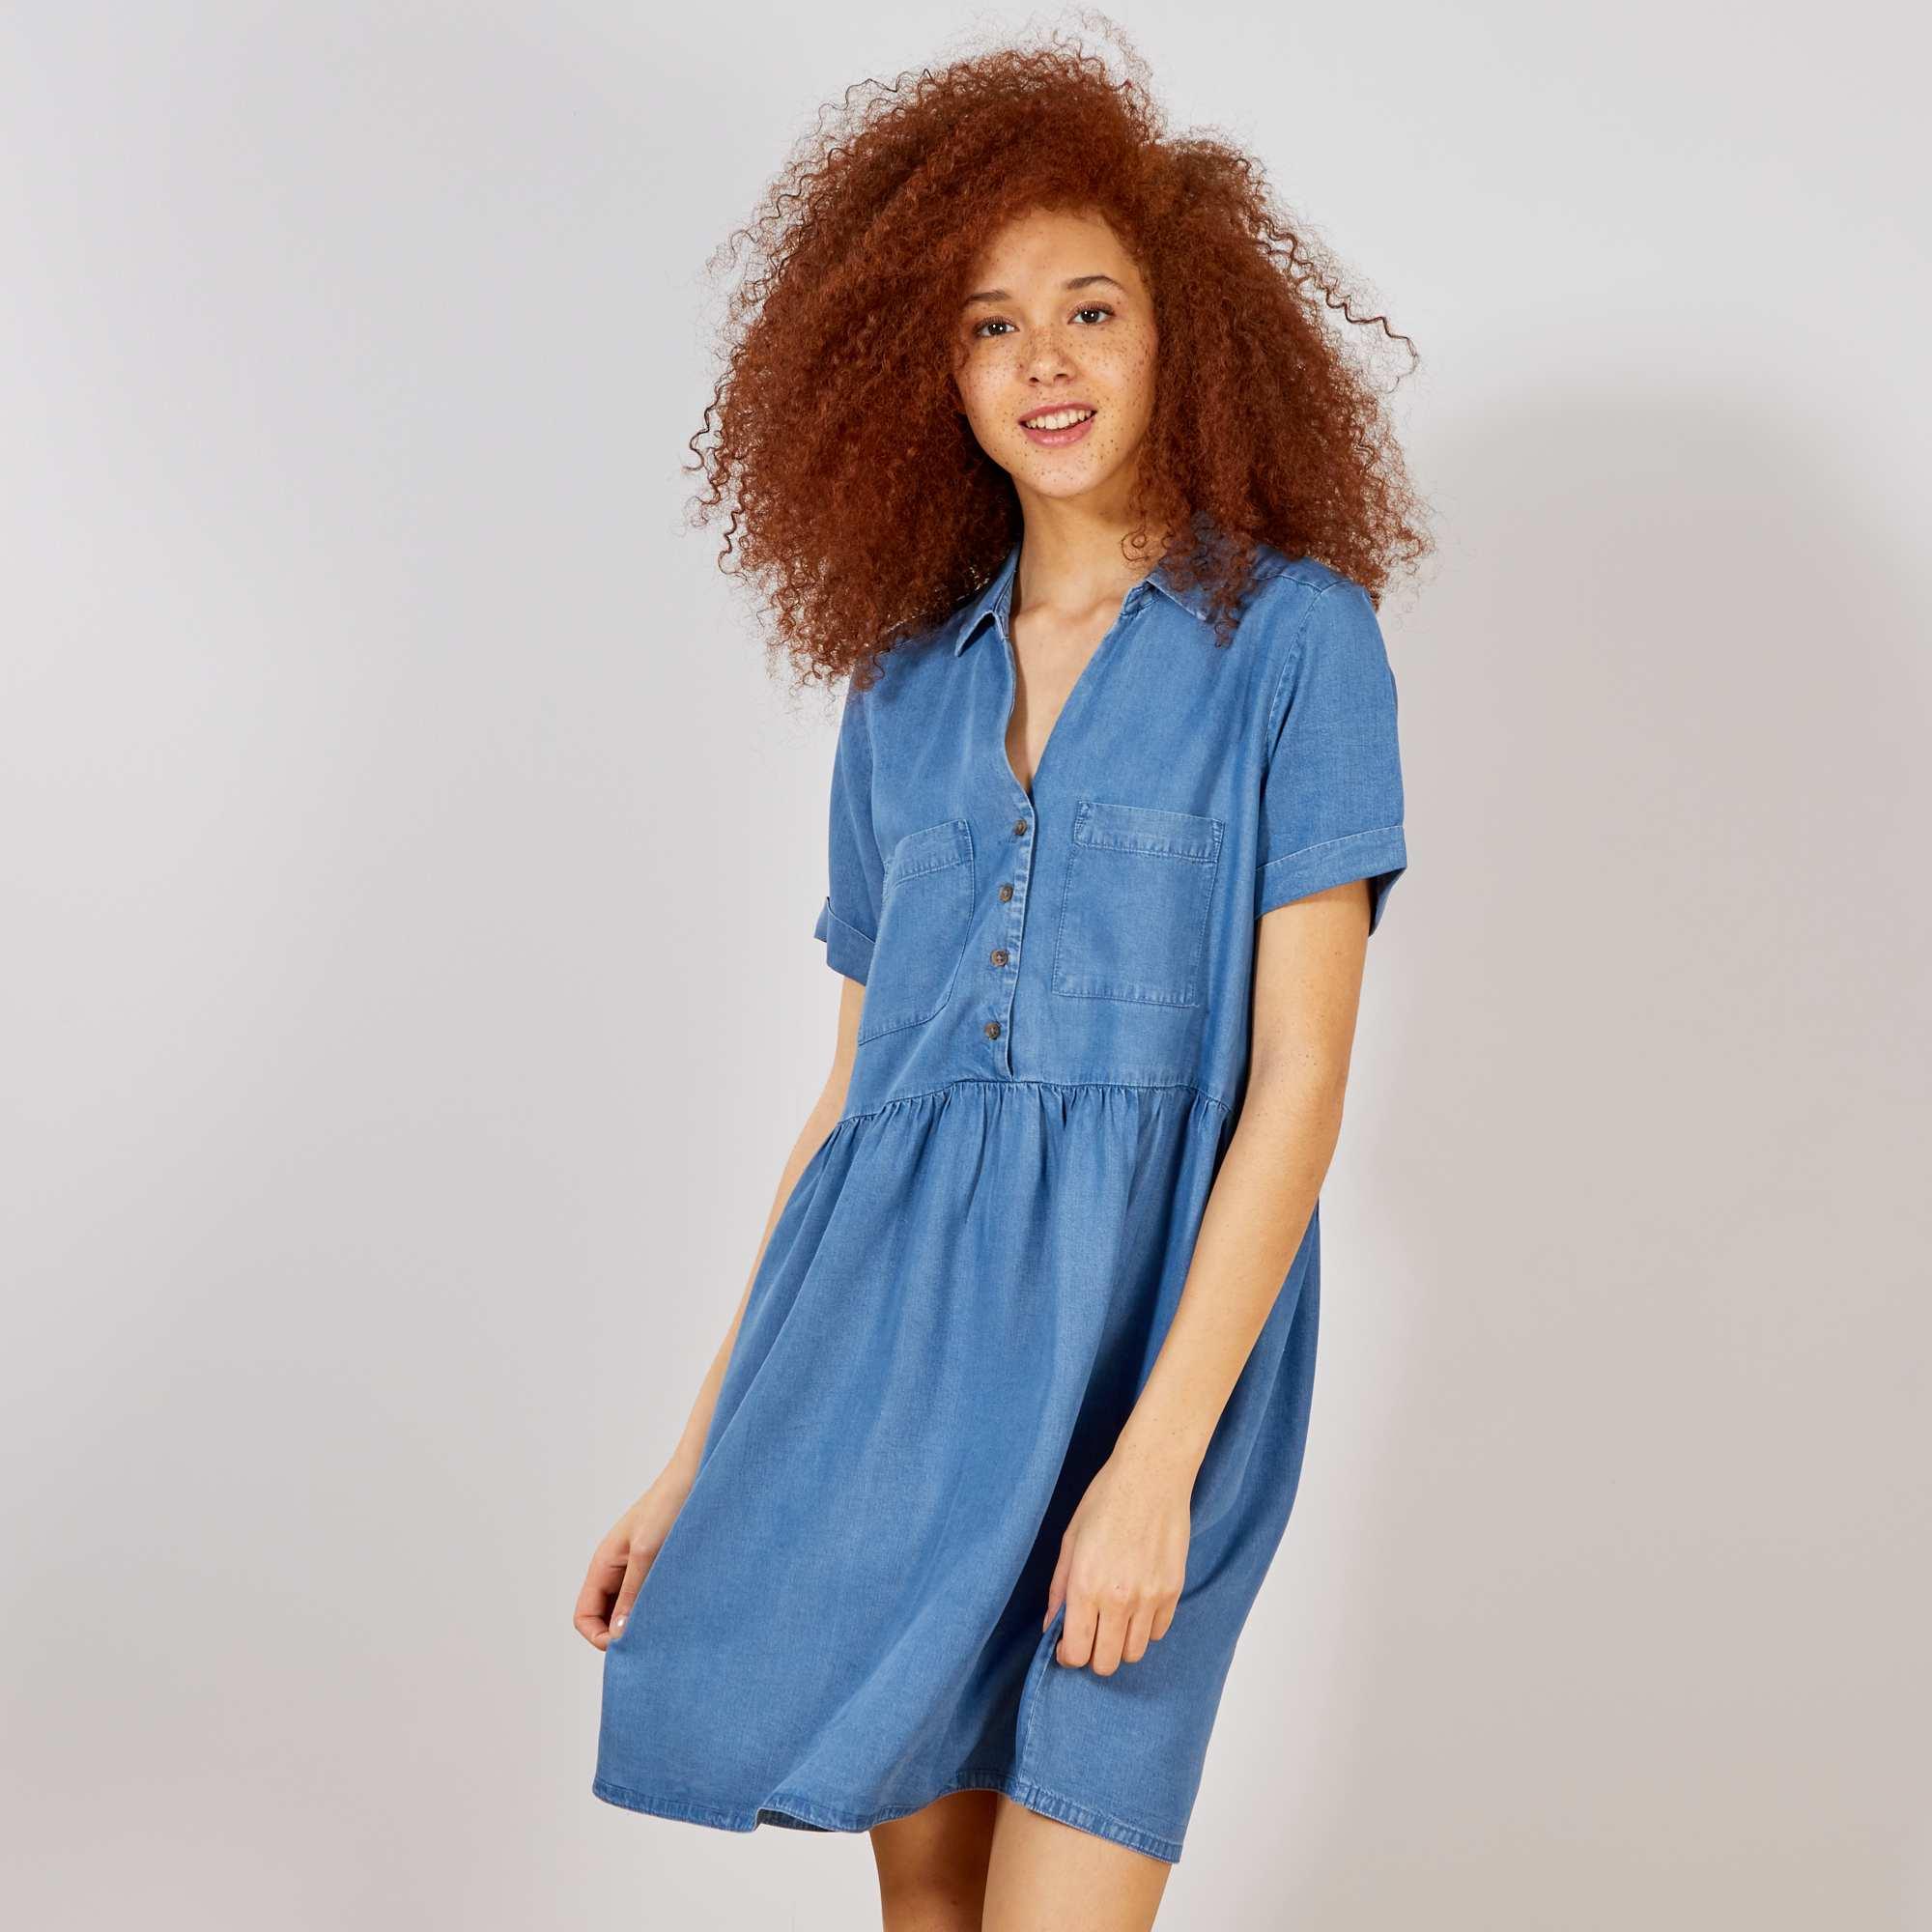 ddd354744f7 Robe fluide style babydoll Femme - bleu denim - Kiabi - 20